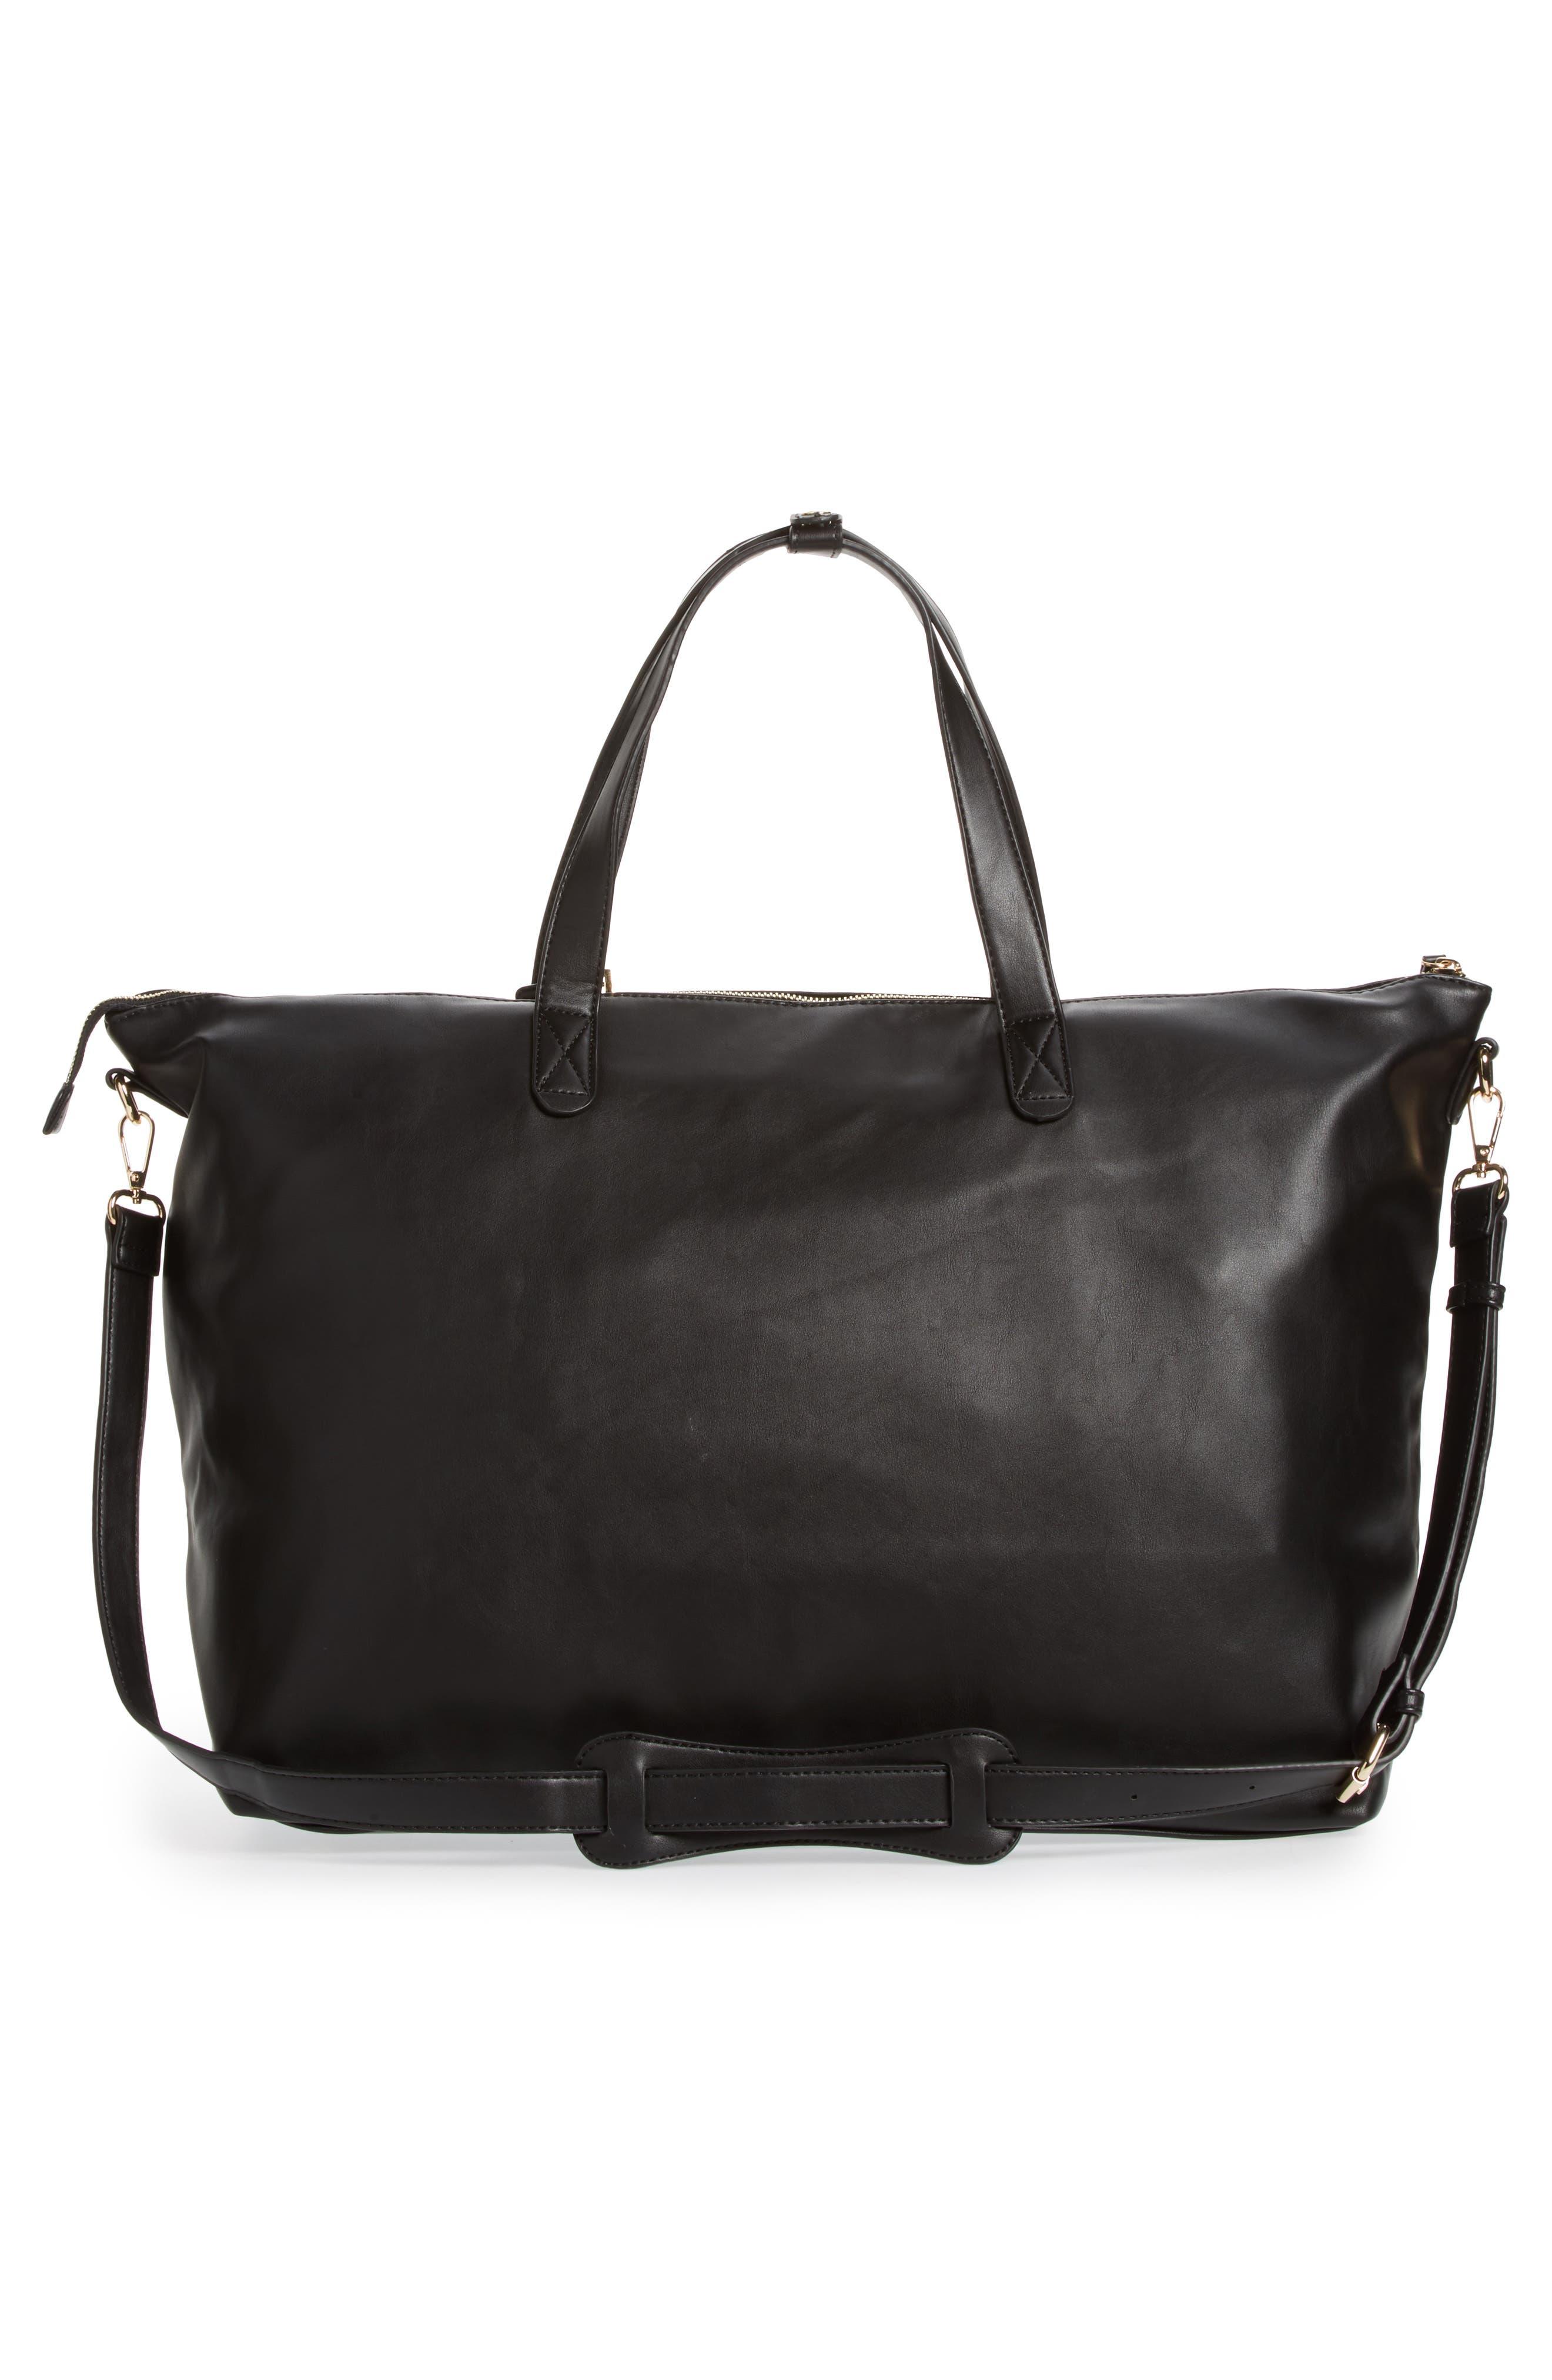 Kelis Duffel Bag,                             Alternate thumbnail 3, color,                             Black